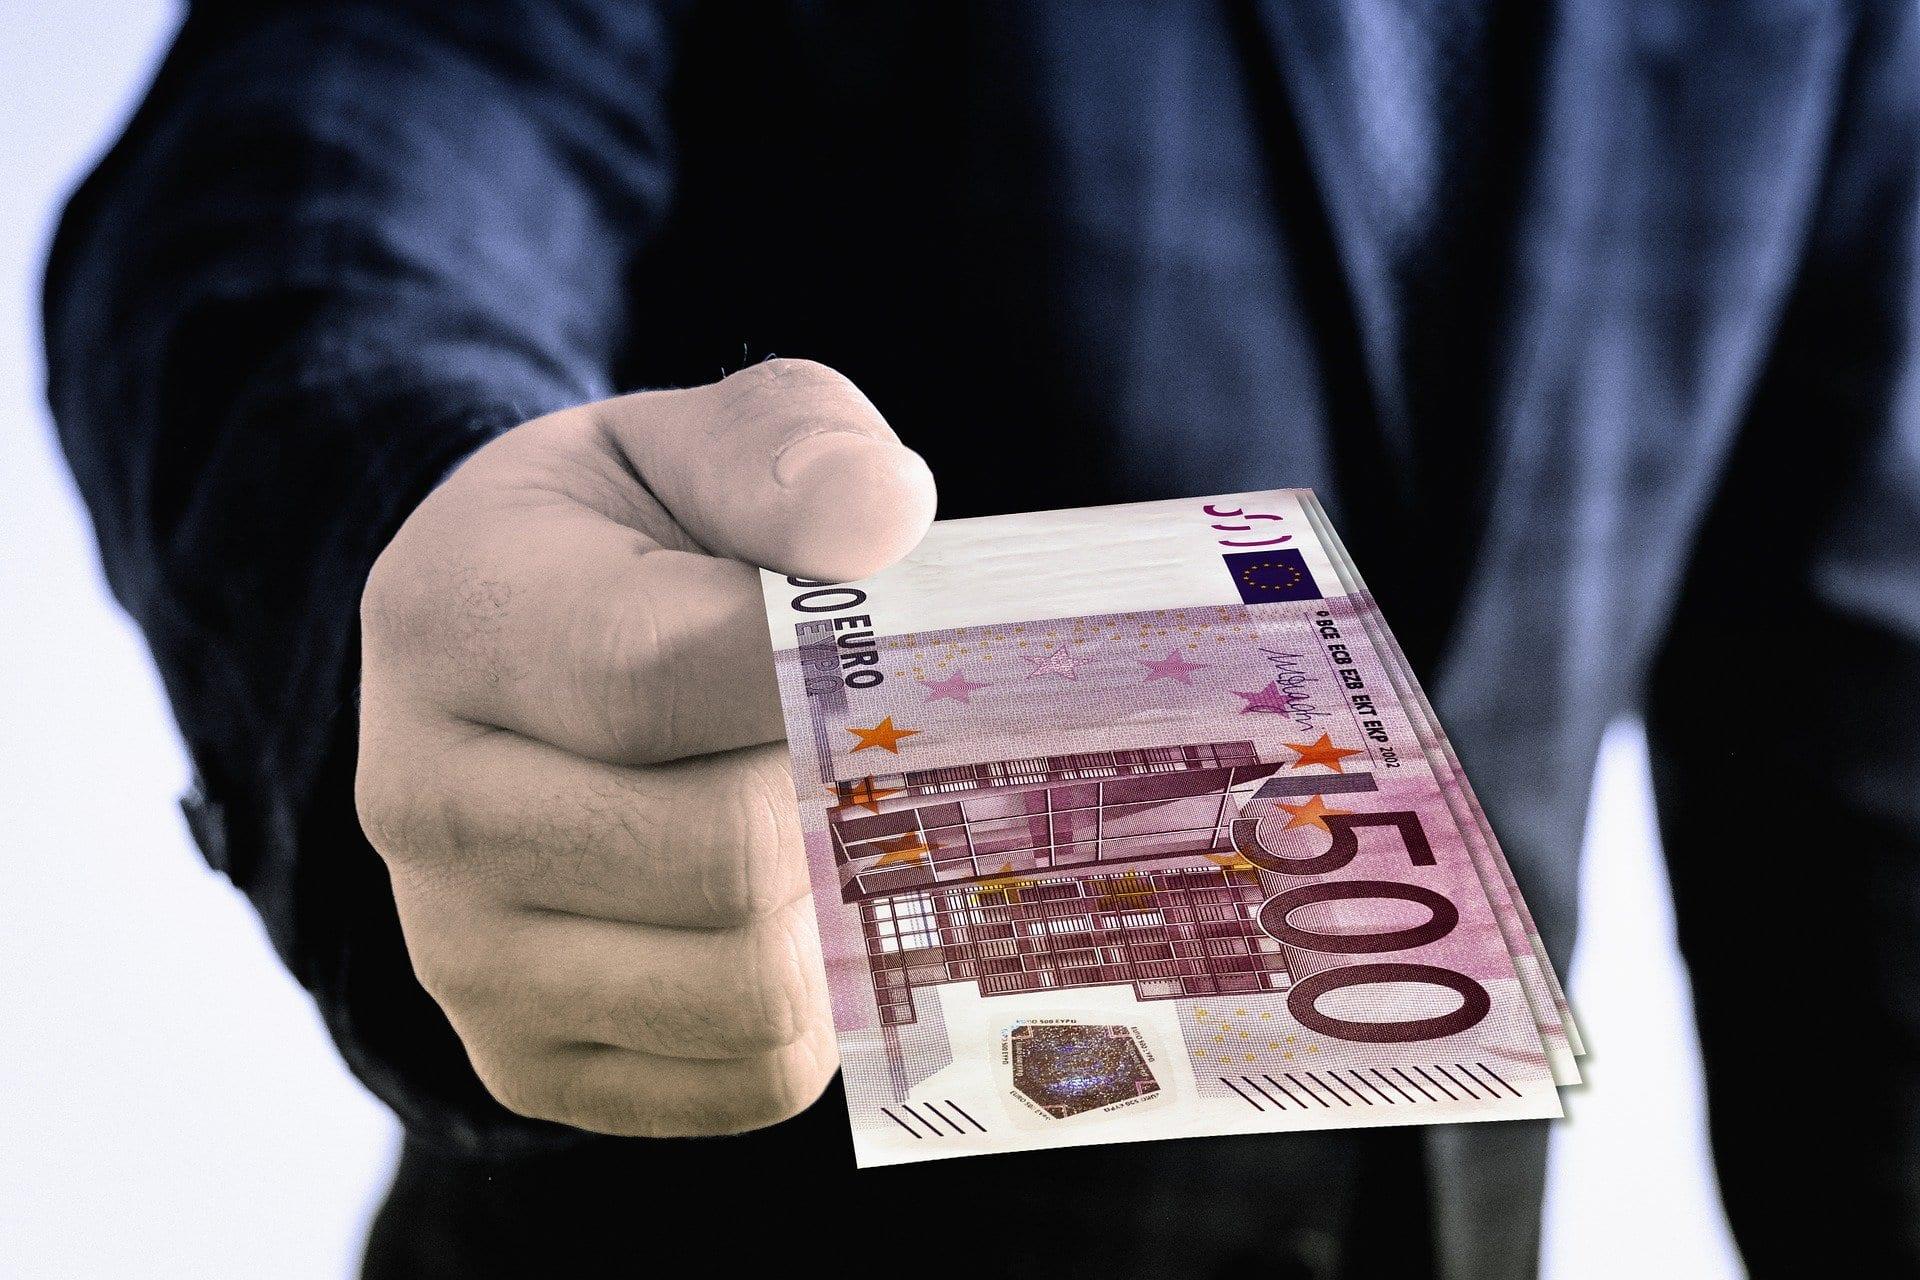 Euro Geschenk Geldgeschenk Hand Halten Schenken - (c) Pixabay